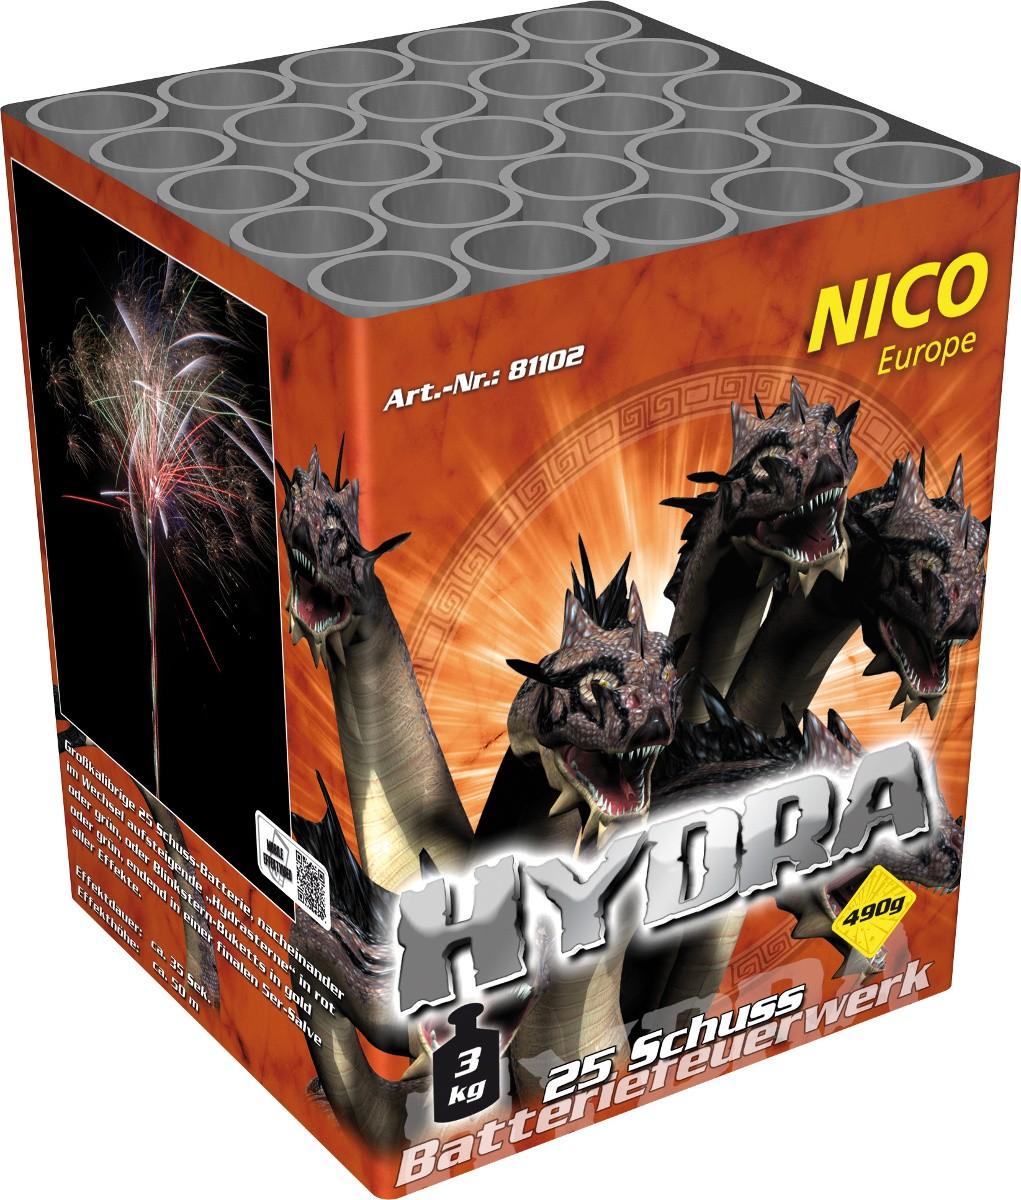 Hydra Feuerwerk 25 Schuss